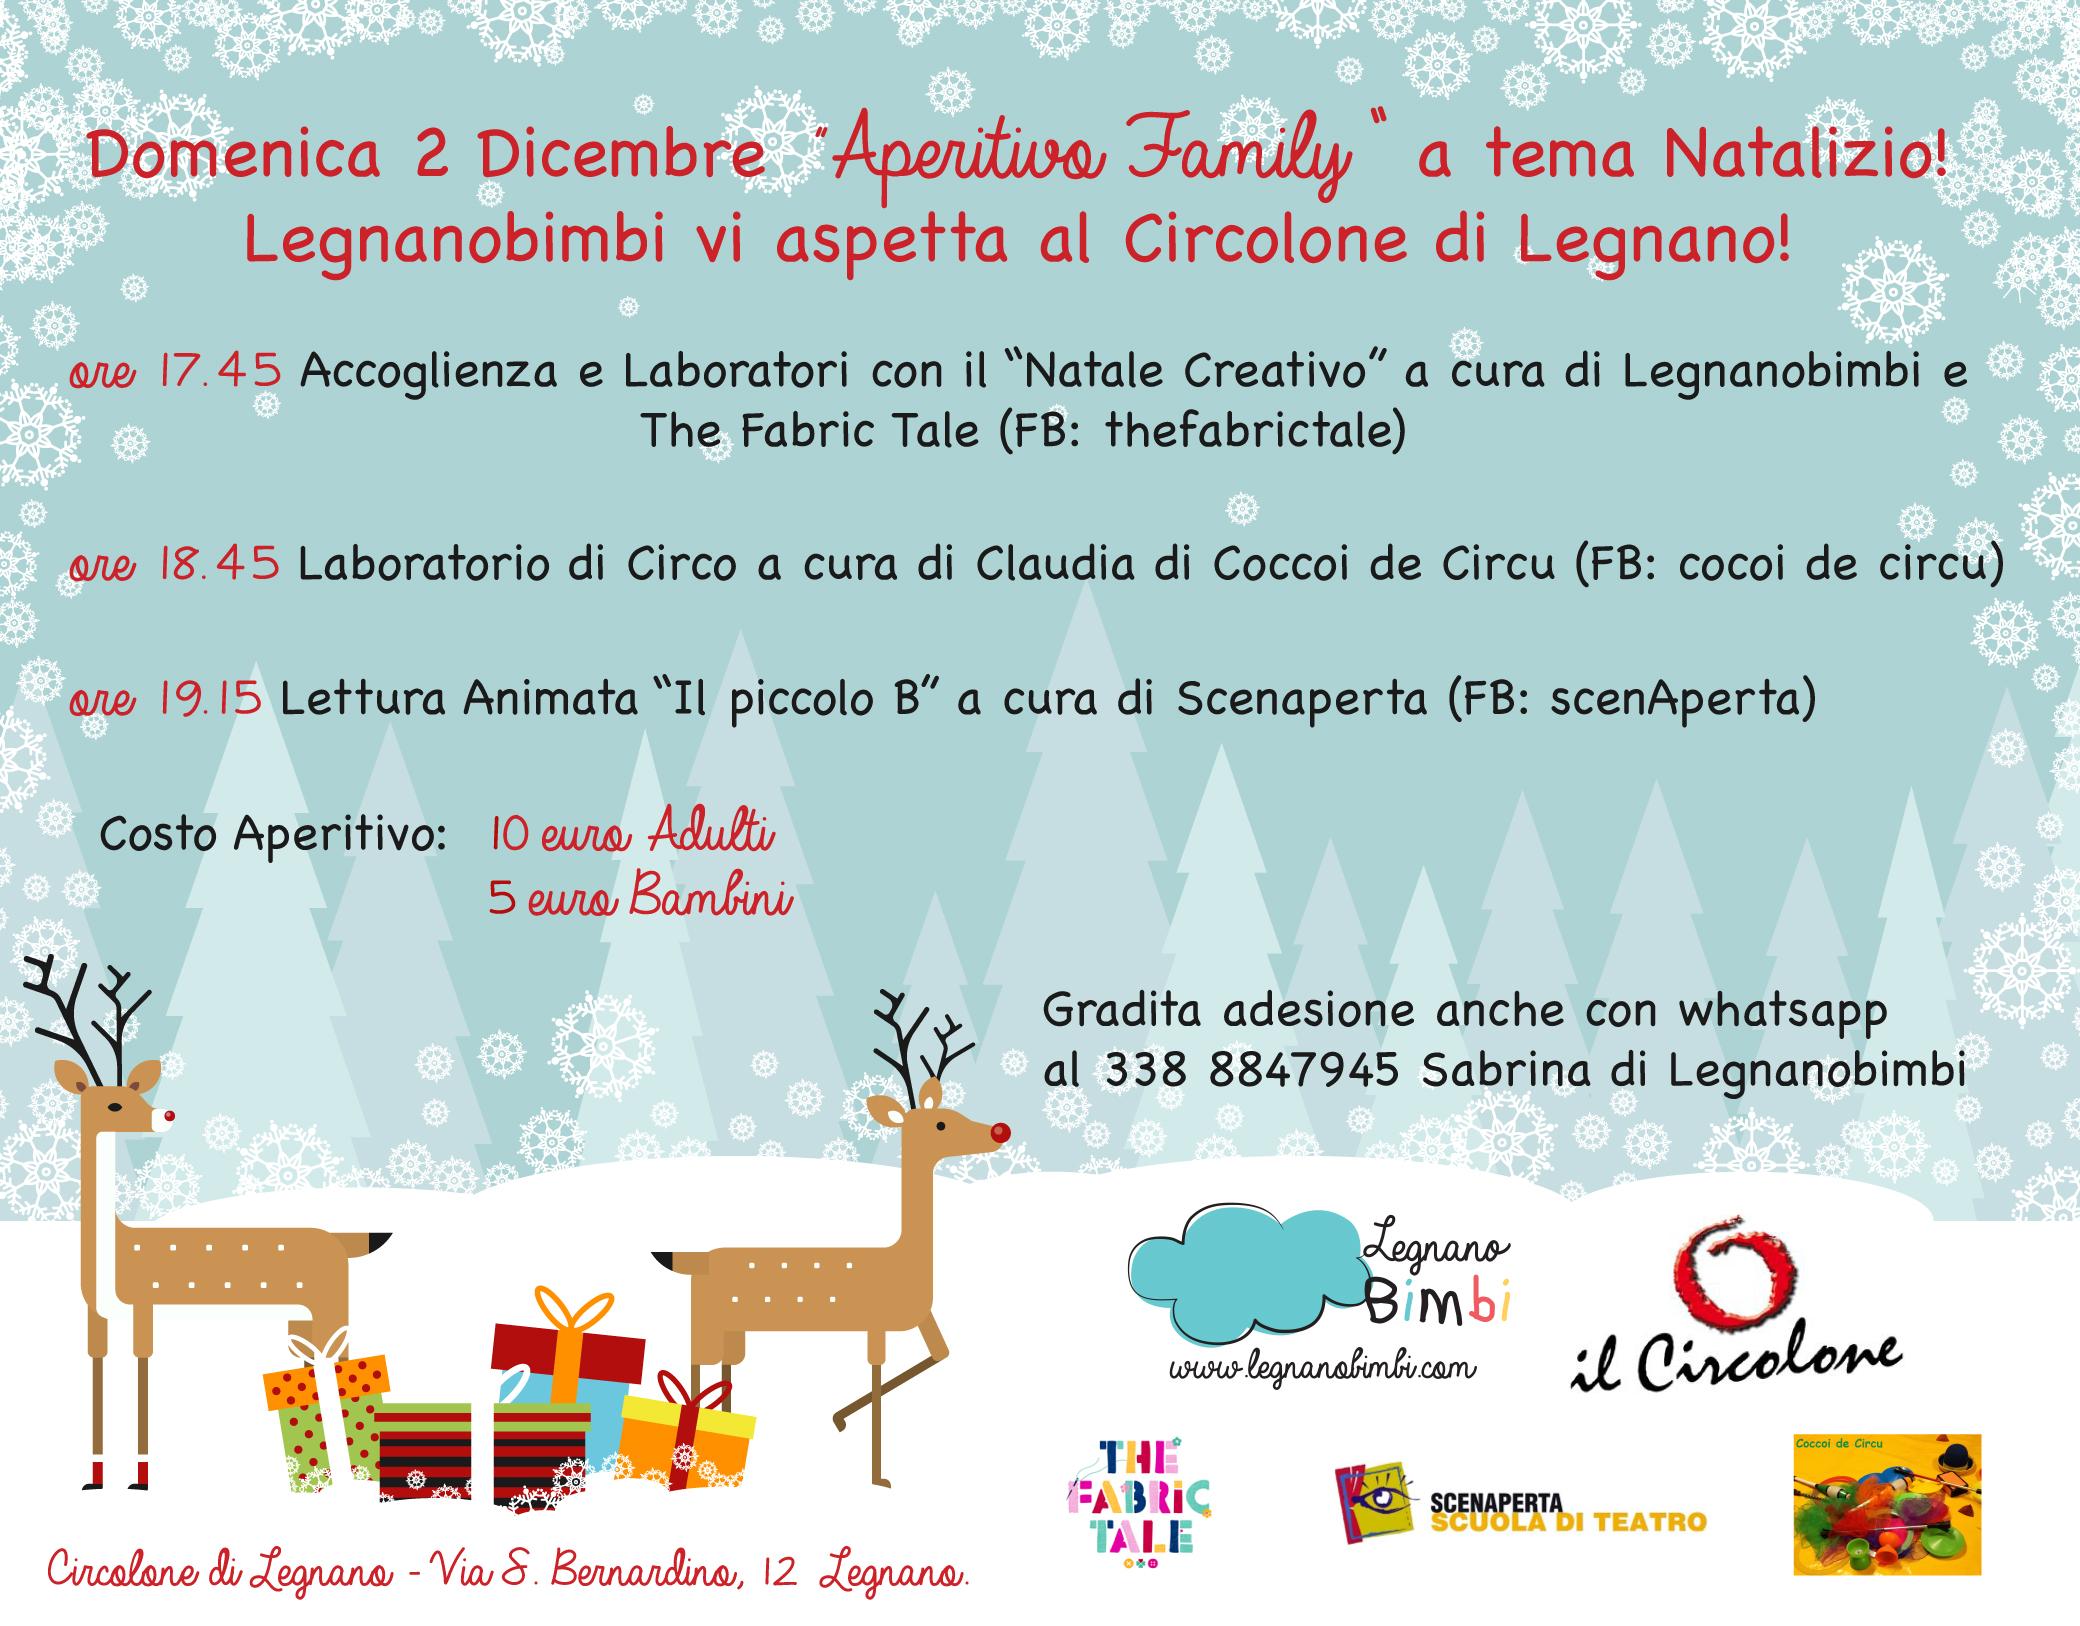 """Aspettiamo il  Natale con l """"Aperitivo Family"""" in tema natalizio! Legnanobimbi e Il Circolone di Legnano invitano tutte le famiglie per la serata più divertente!"""